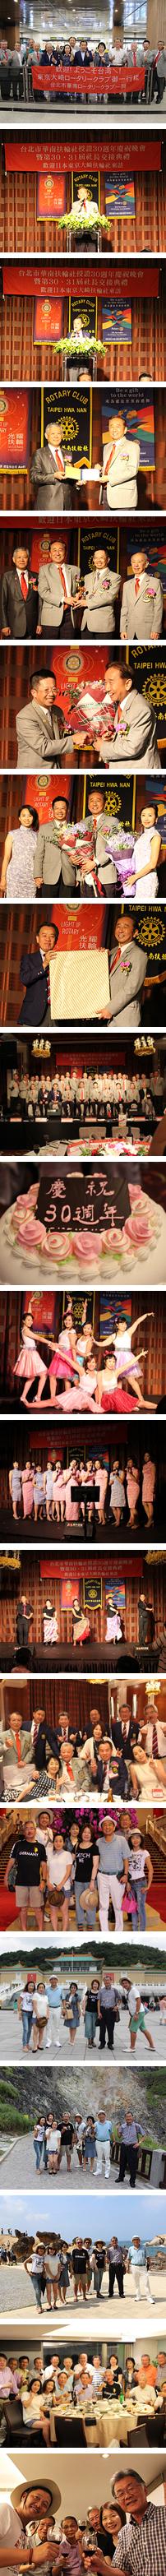 台北華南RC30周年記念式典・会長交代式